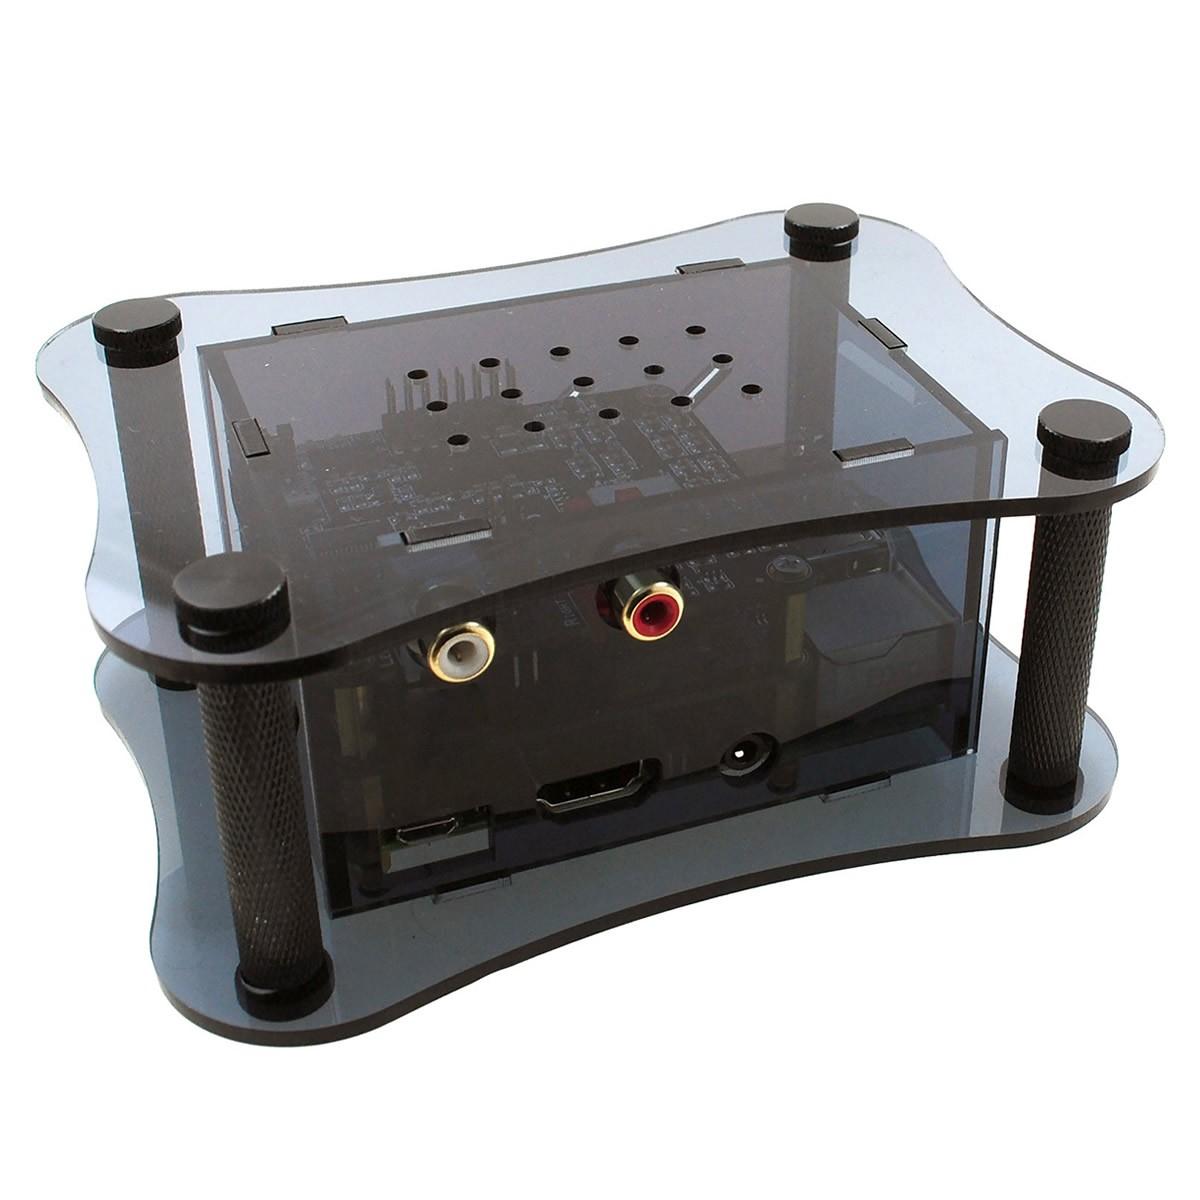 ALLO Acrylic Case for Allo Boss DAC + Allo Isolator + Raspberry Pi 3 Black